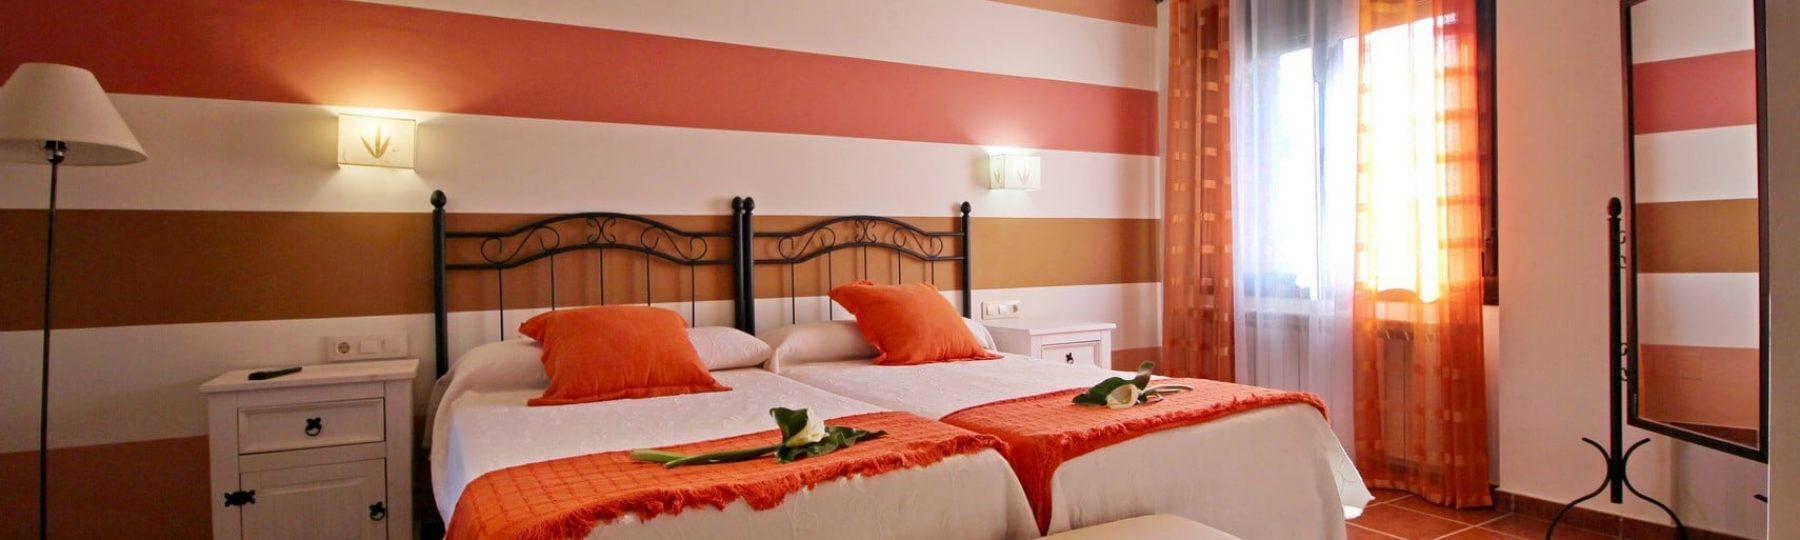 habitación 1 casa rural 00002